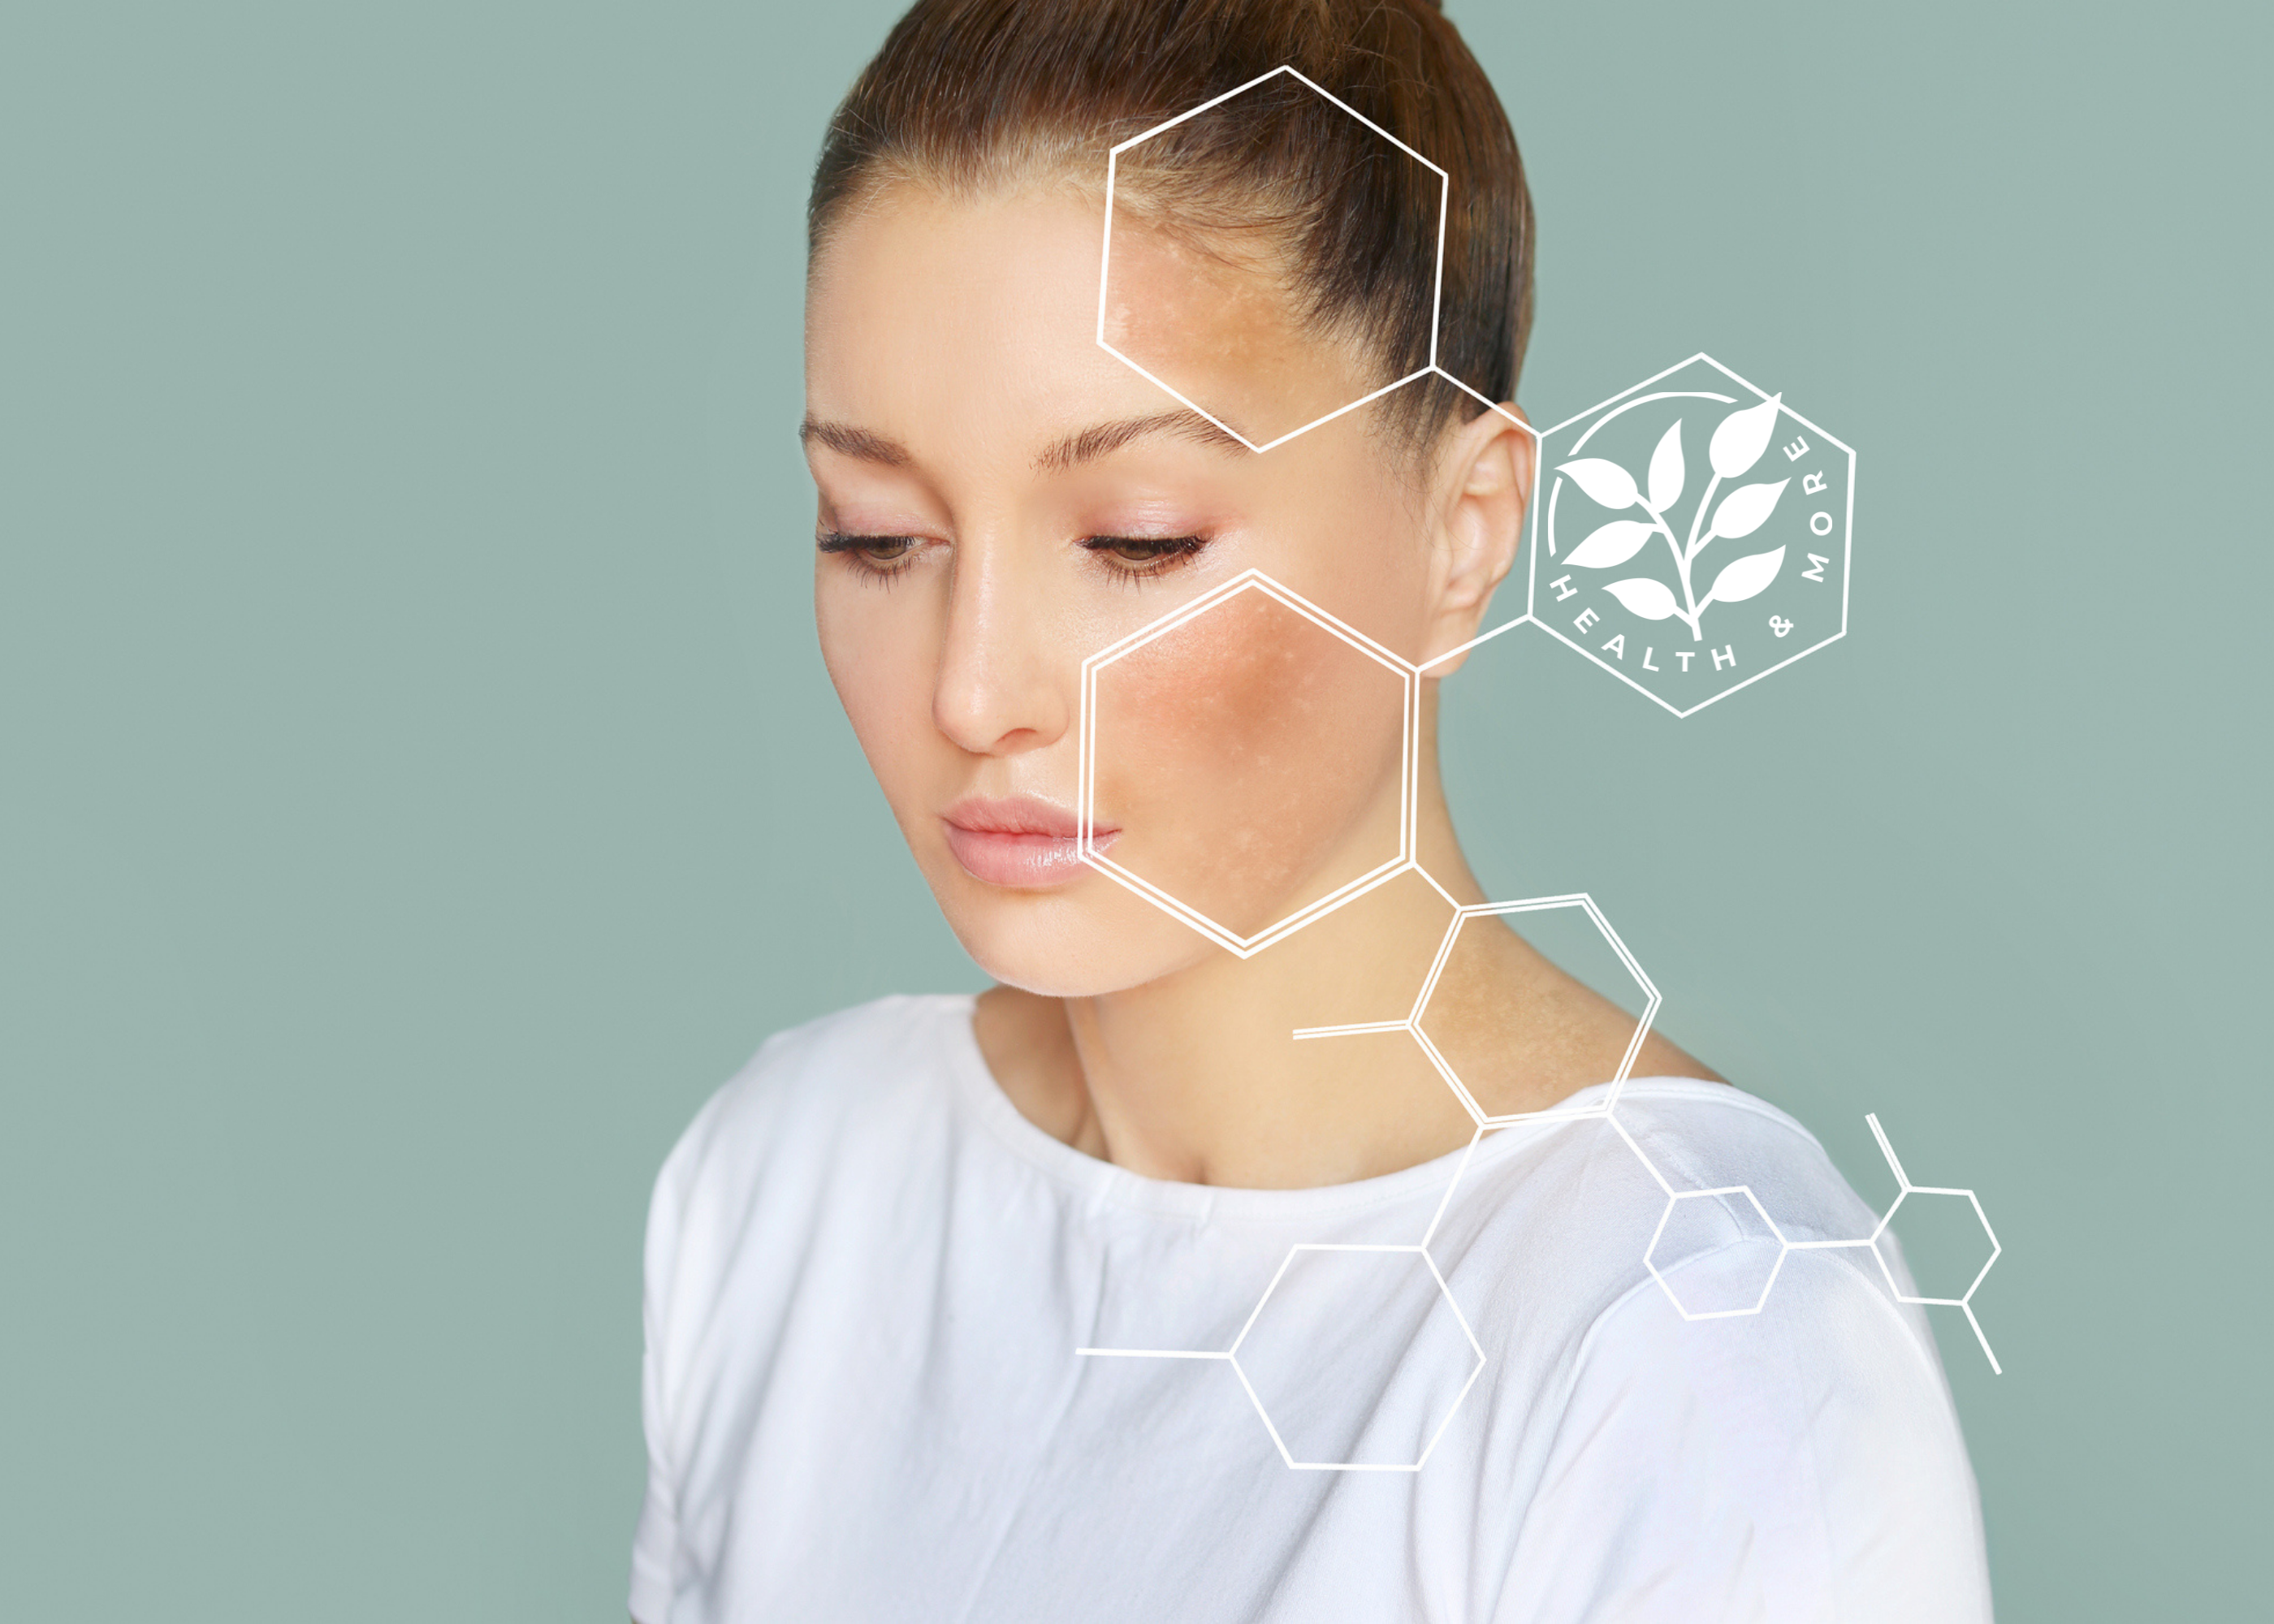 Prirodne metode za uklanjanje hiperpigmentacija